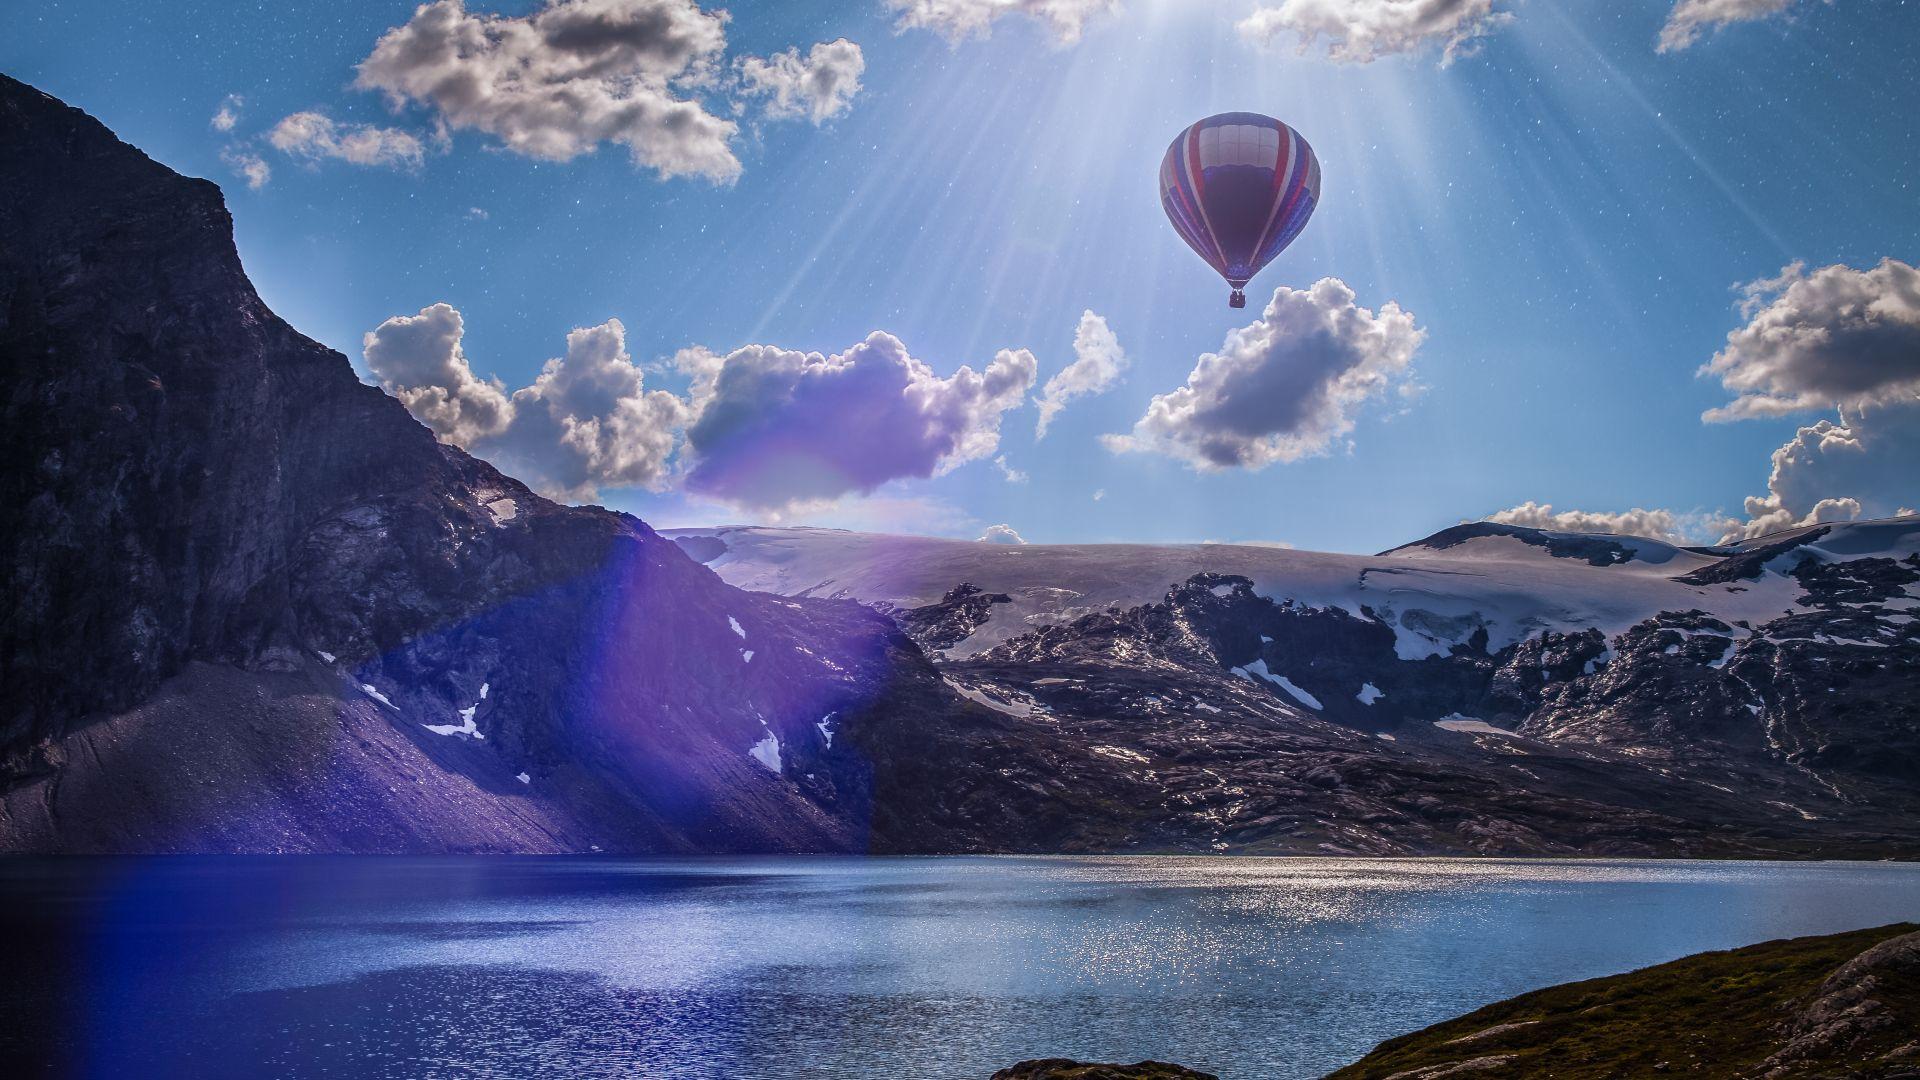 Norway 4k 5k Wallpaper 8k Balloon Lake Mountains Clouds Horizontal